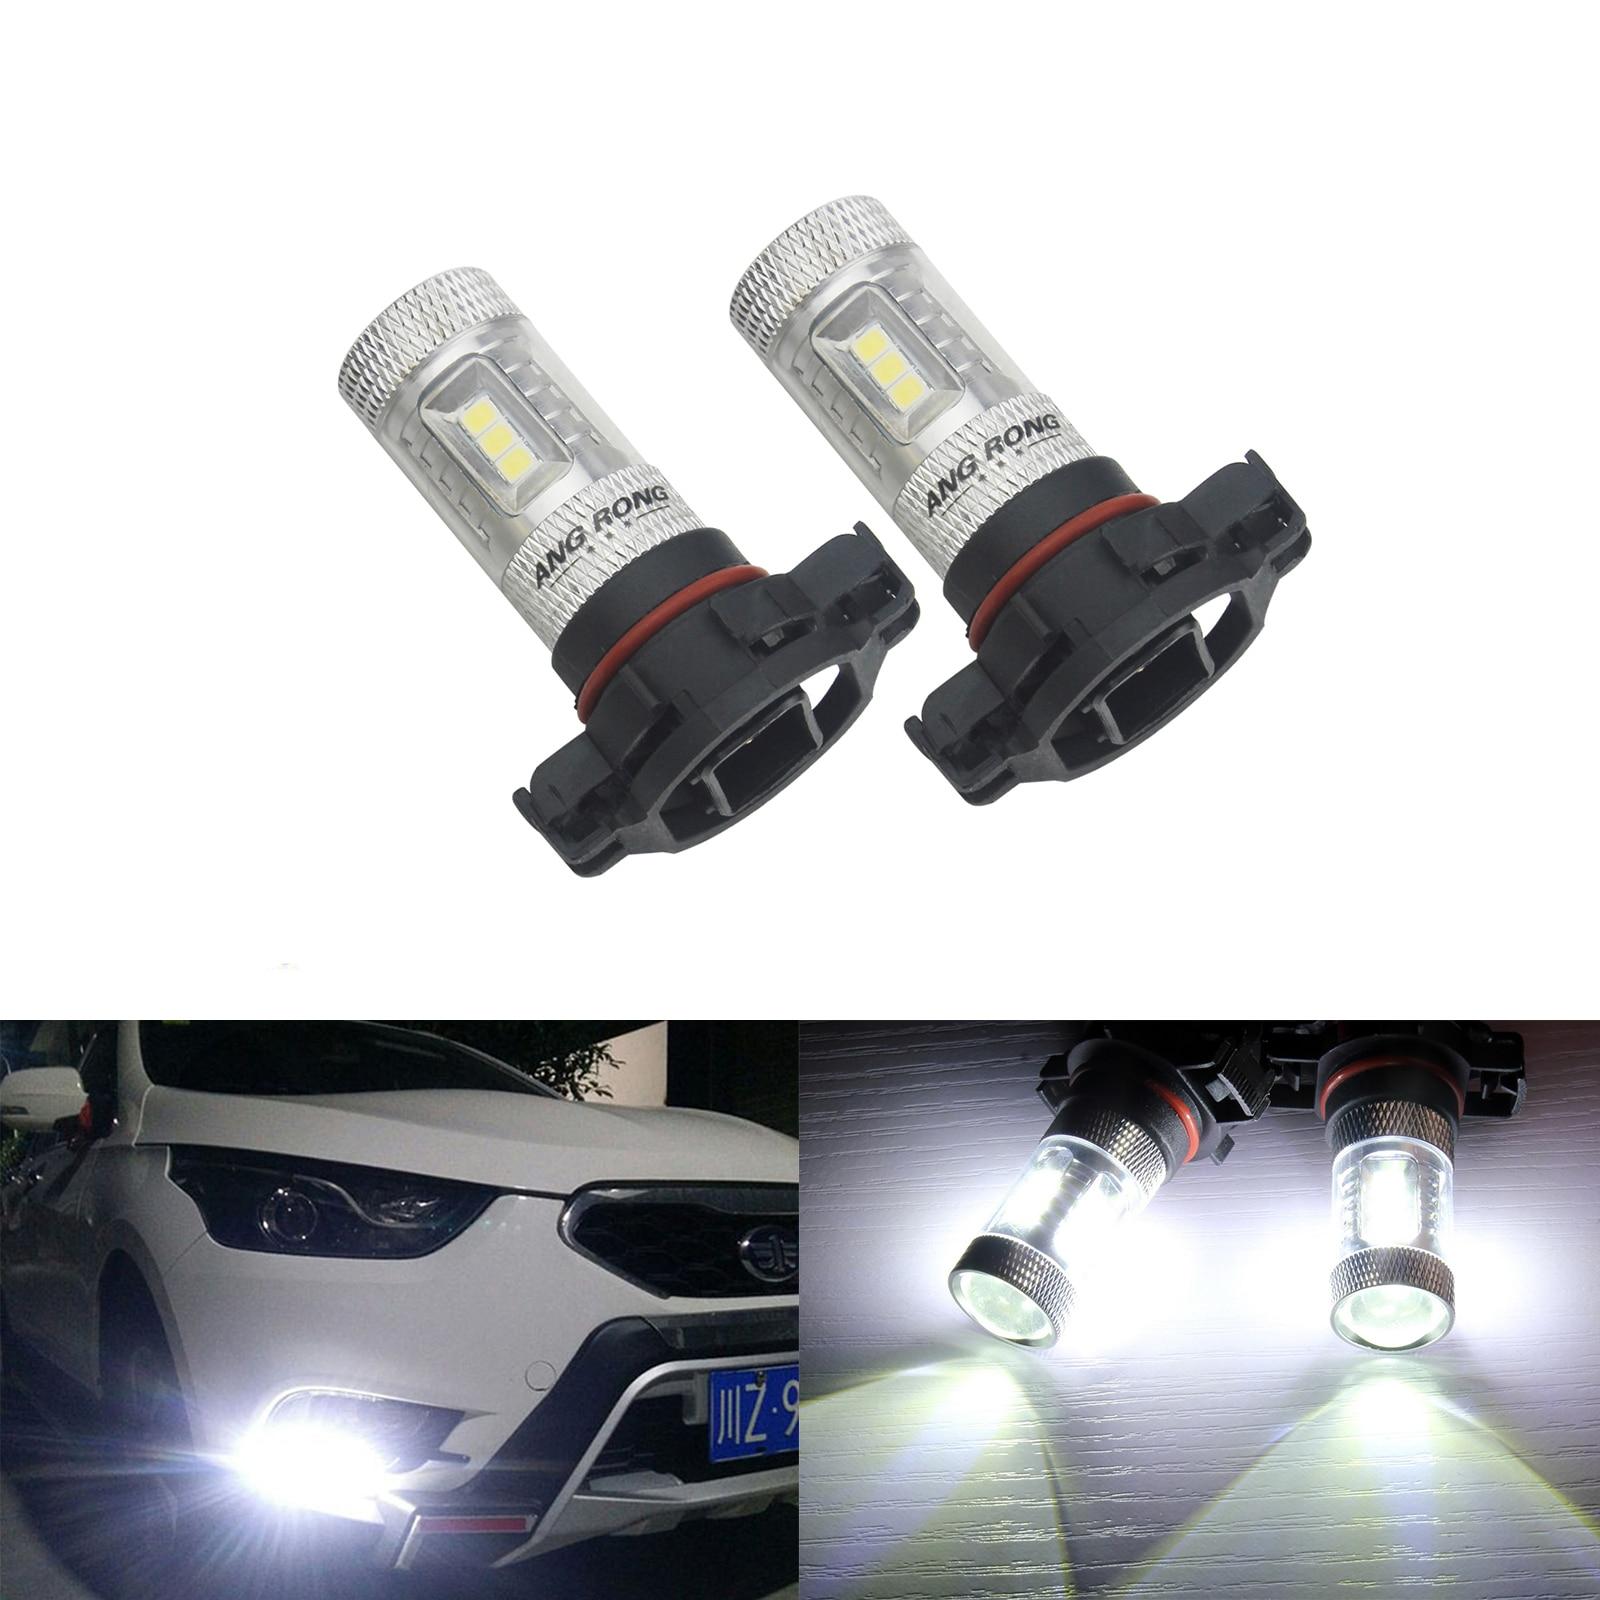 ANGRONG 2x H16 PS19W LED 15W 2835 LED Sidelight Fog Light Daytime Running Light DRL 5202 White(CA264x2)